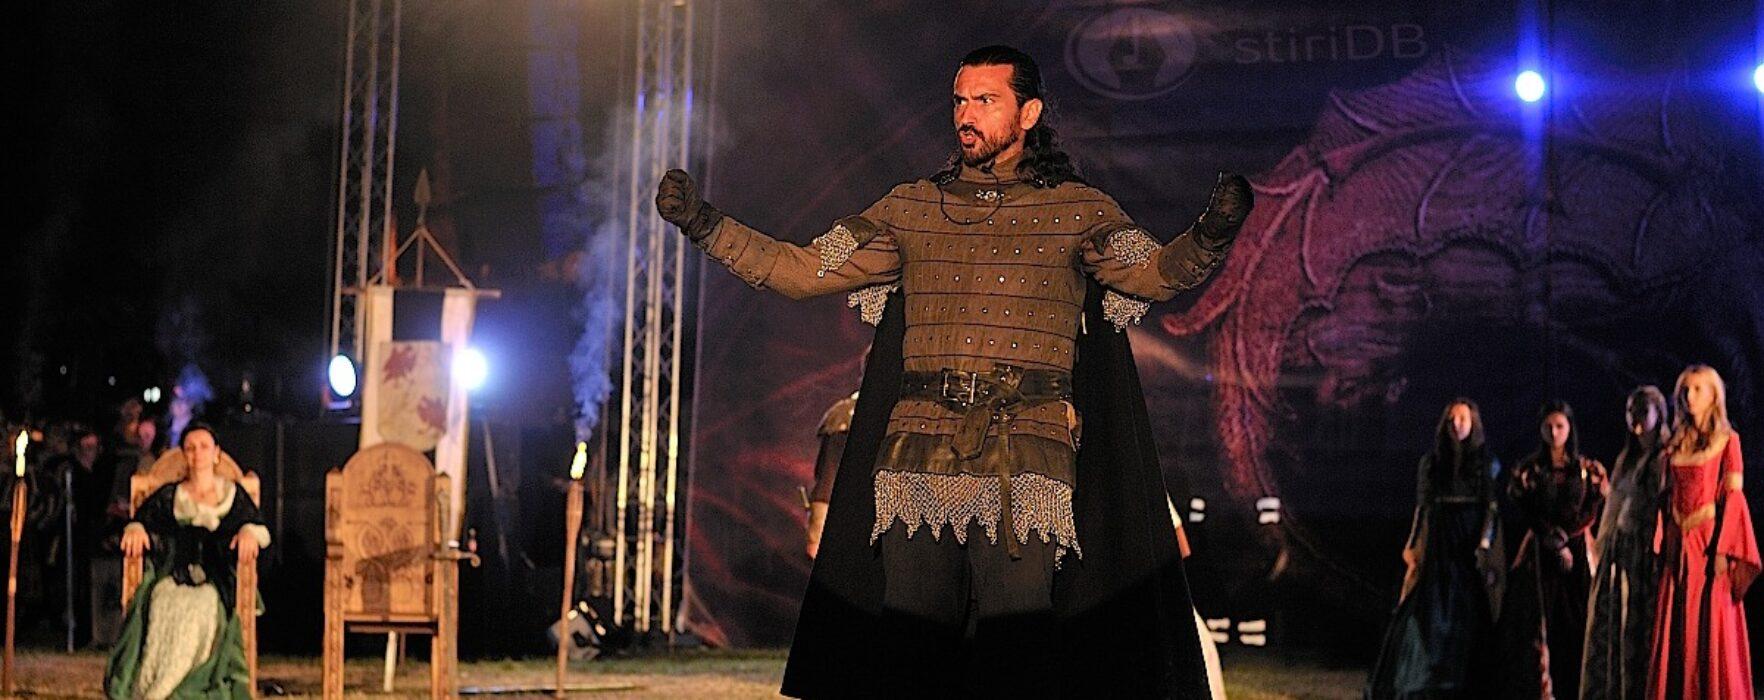 Festivalul Medieval Dracula începe vineri la Târgovişte; vezi programul